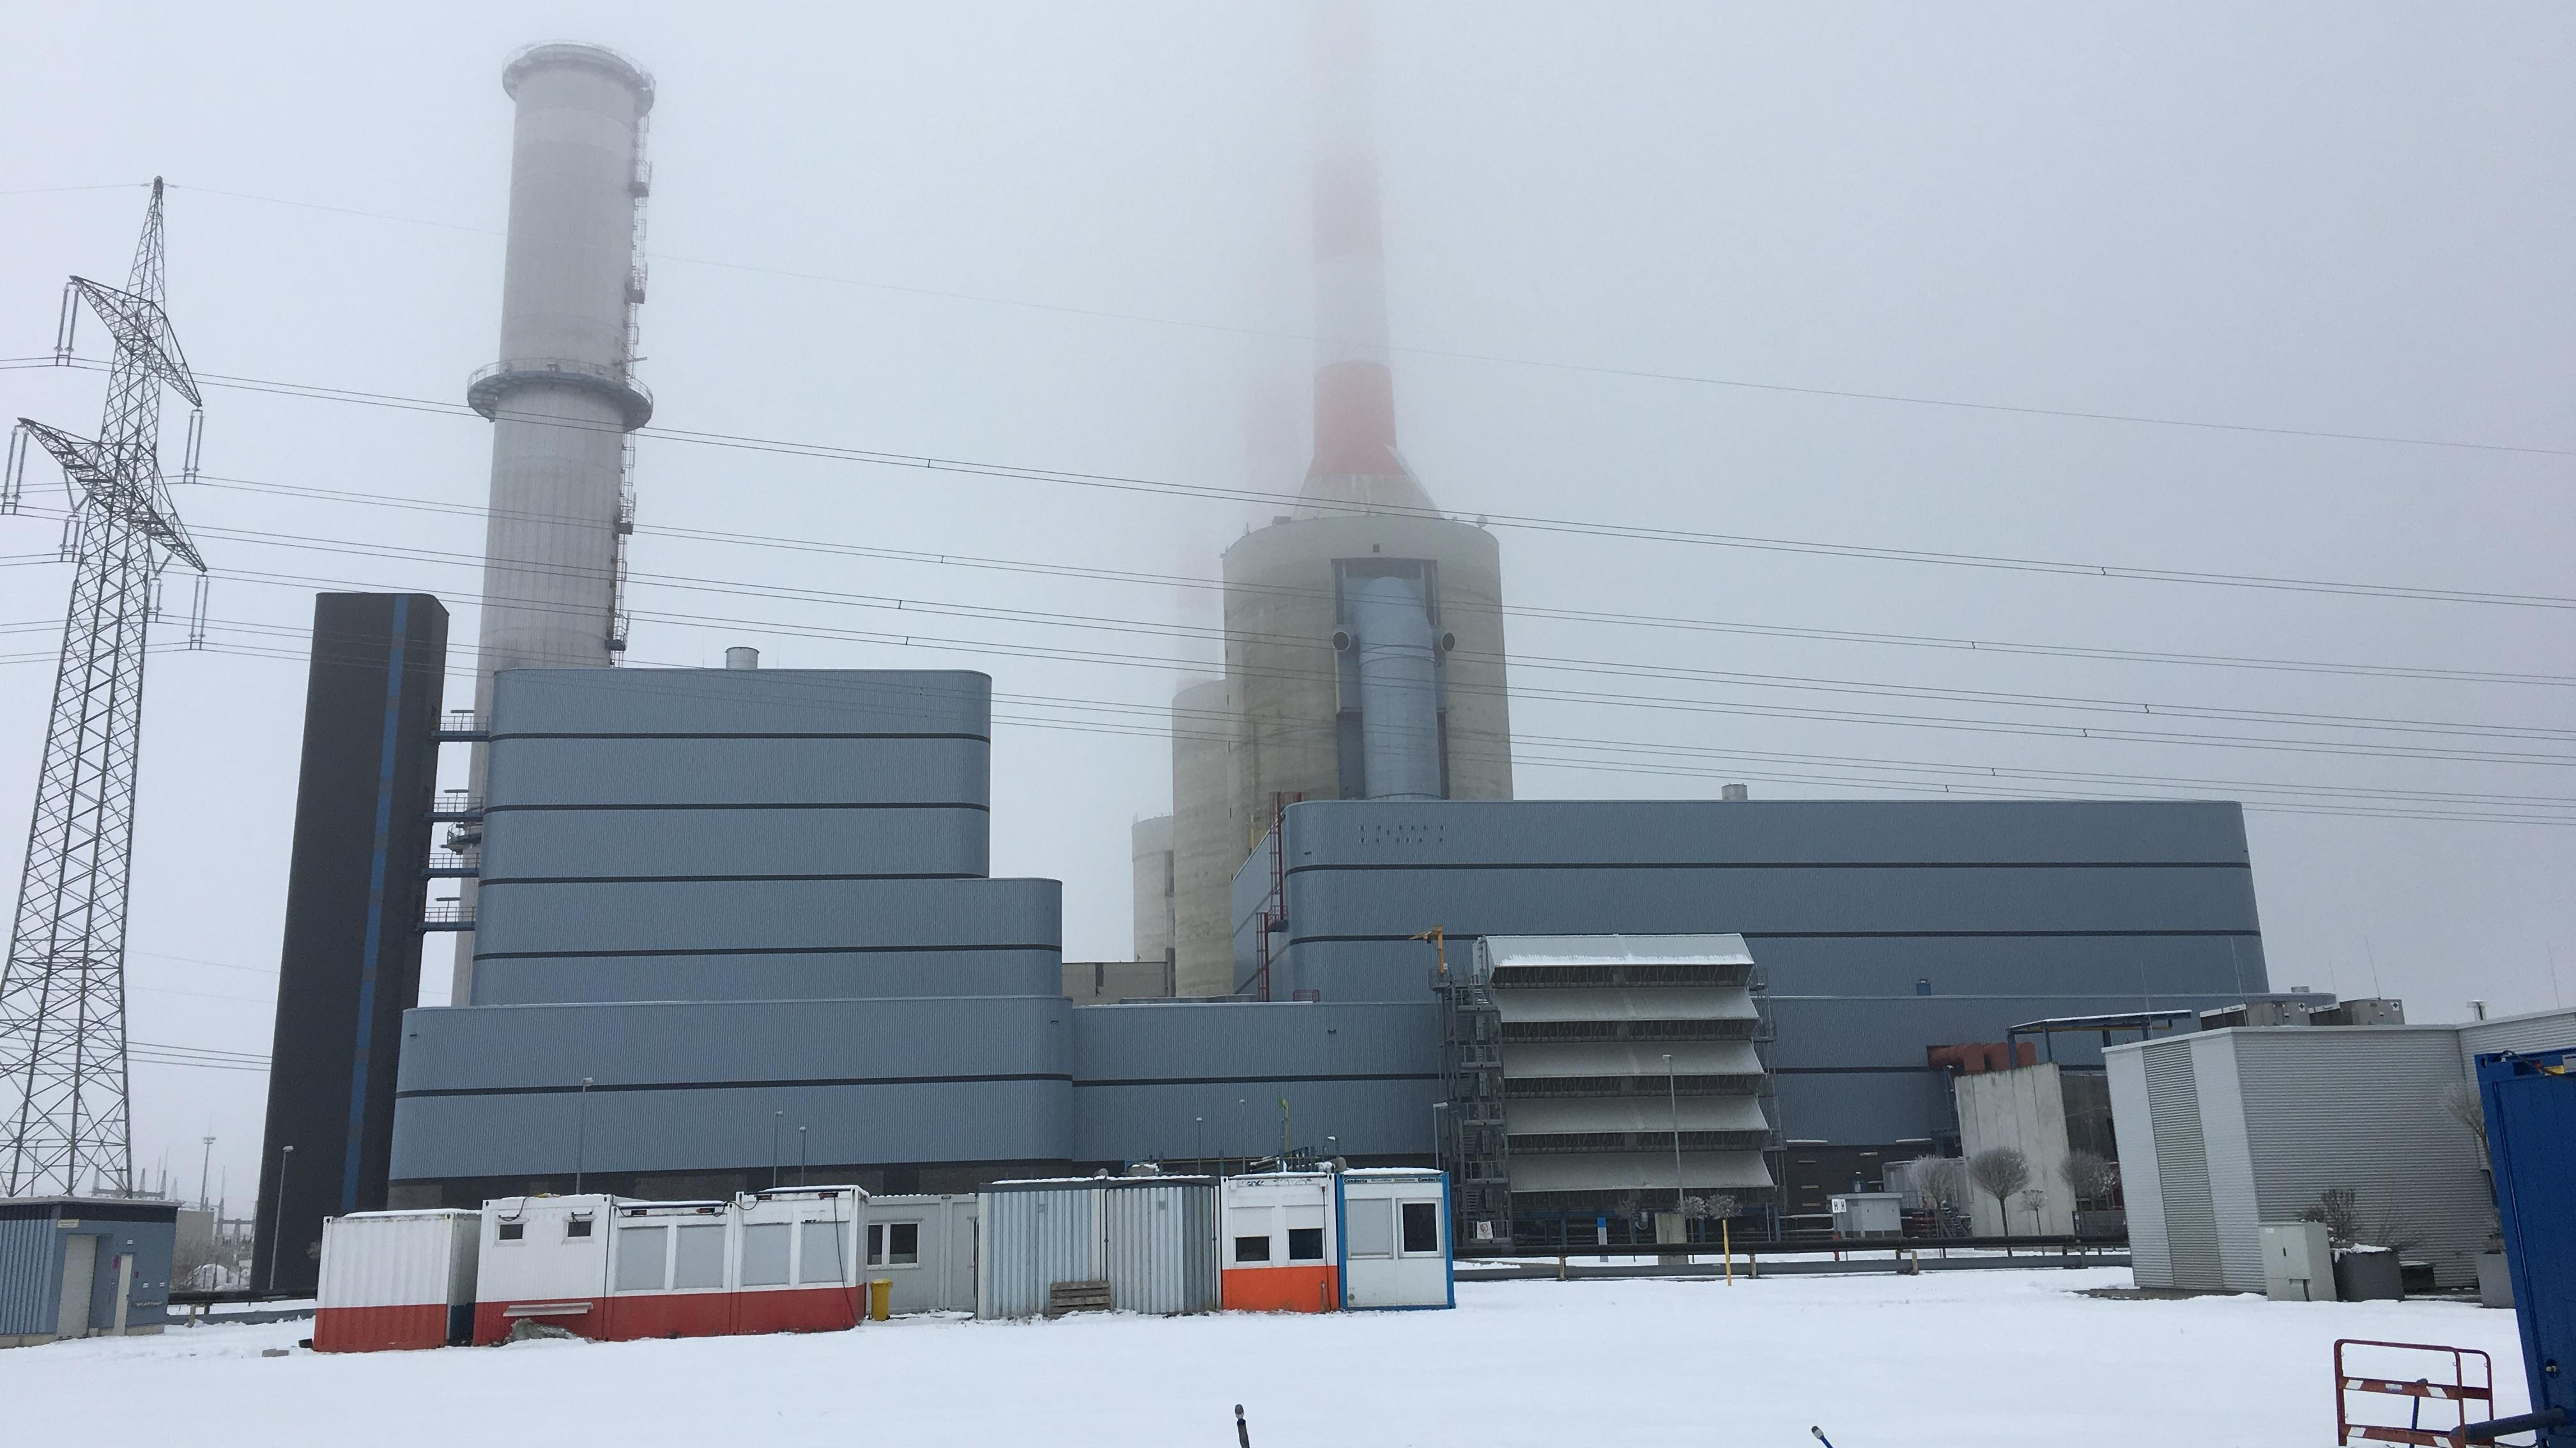 Gaskraftwerk Irsching Block IV im Nebel